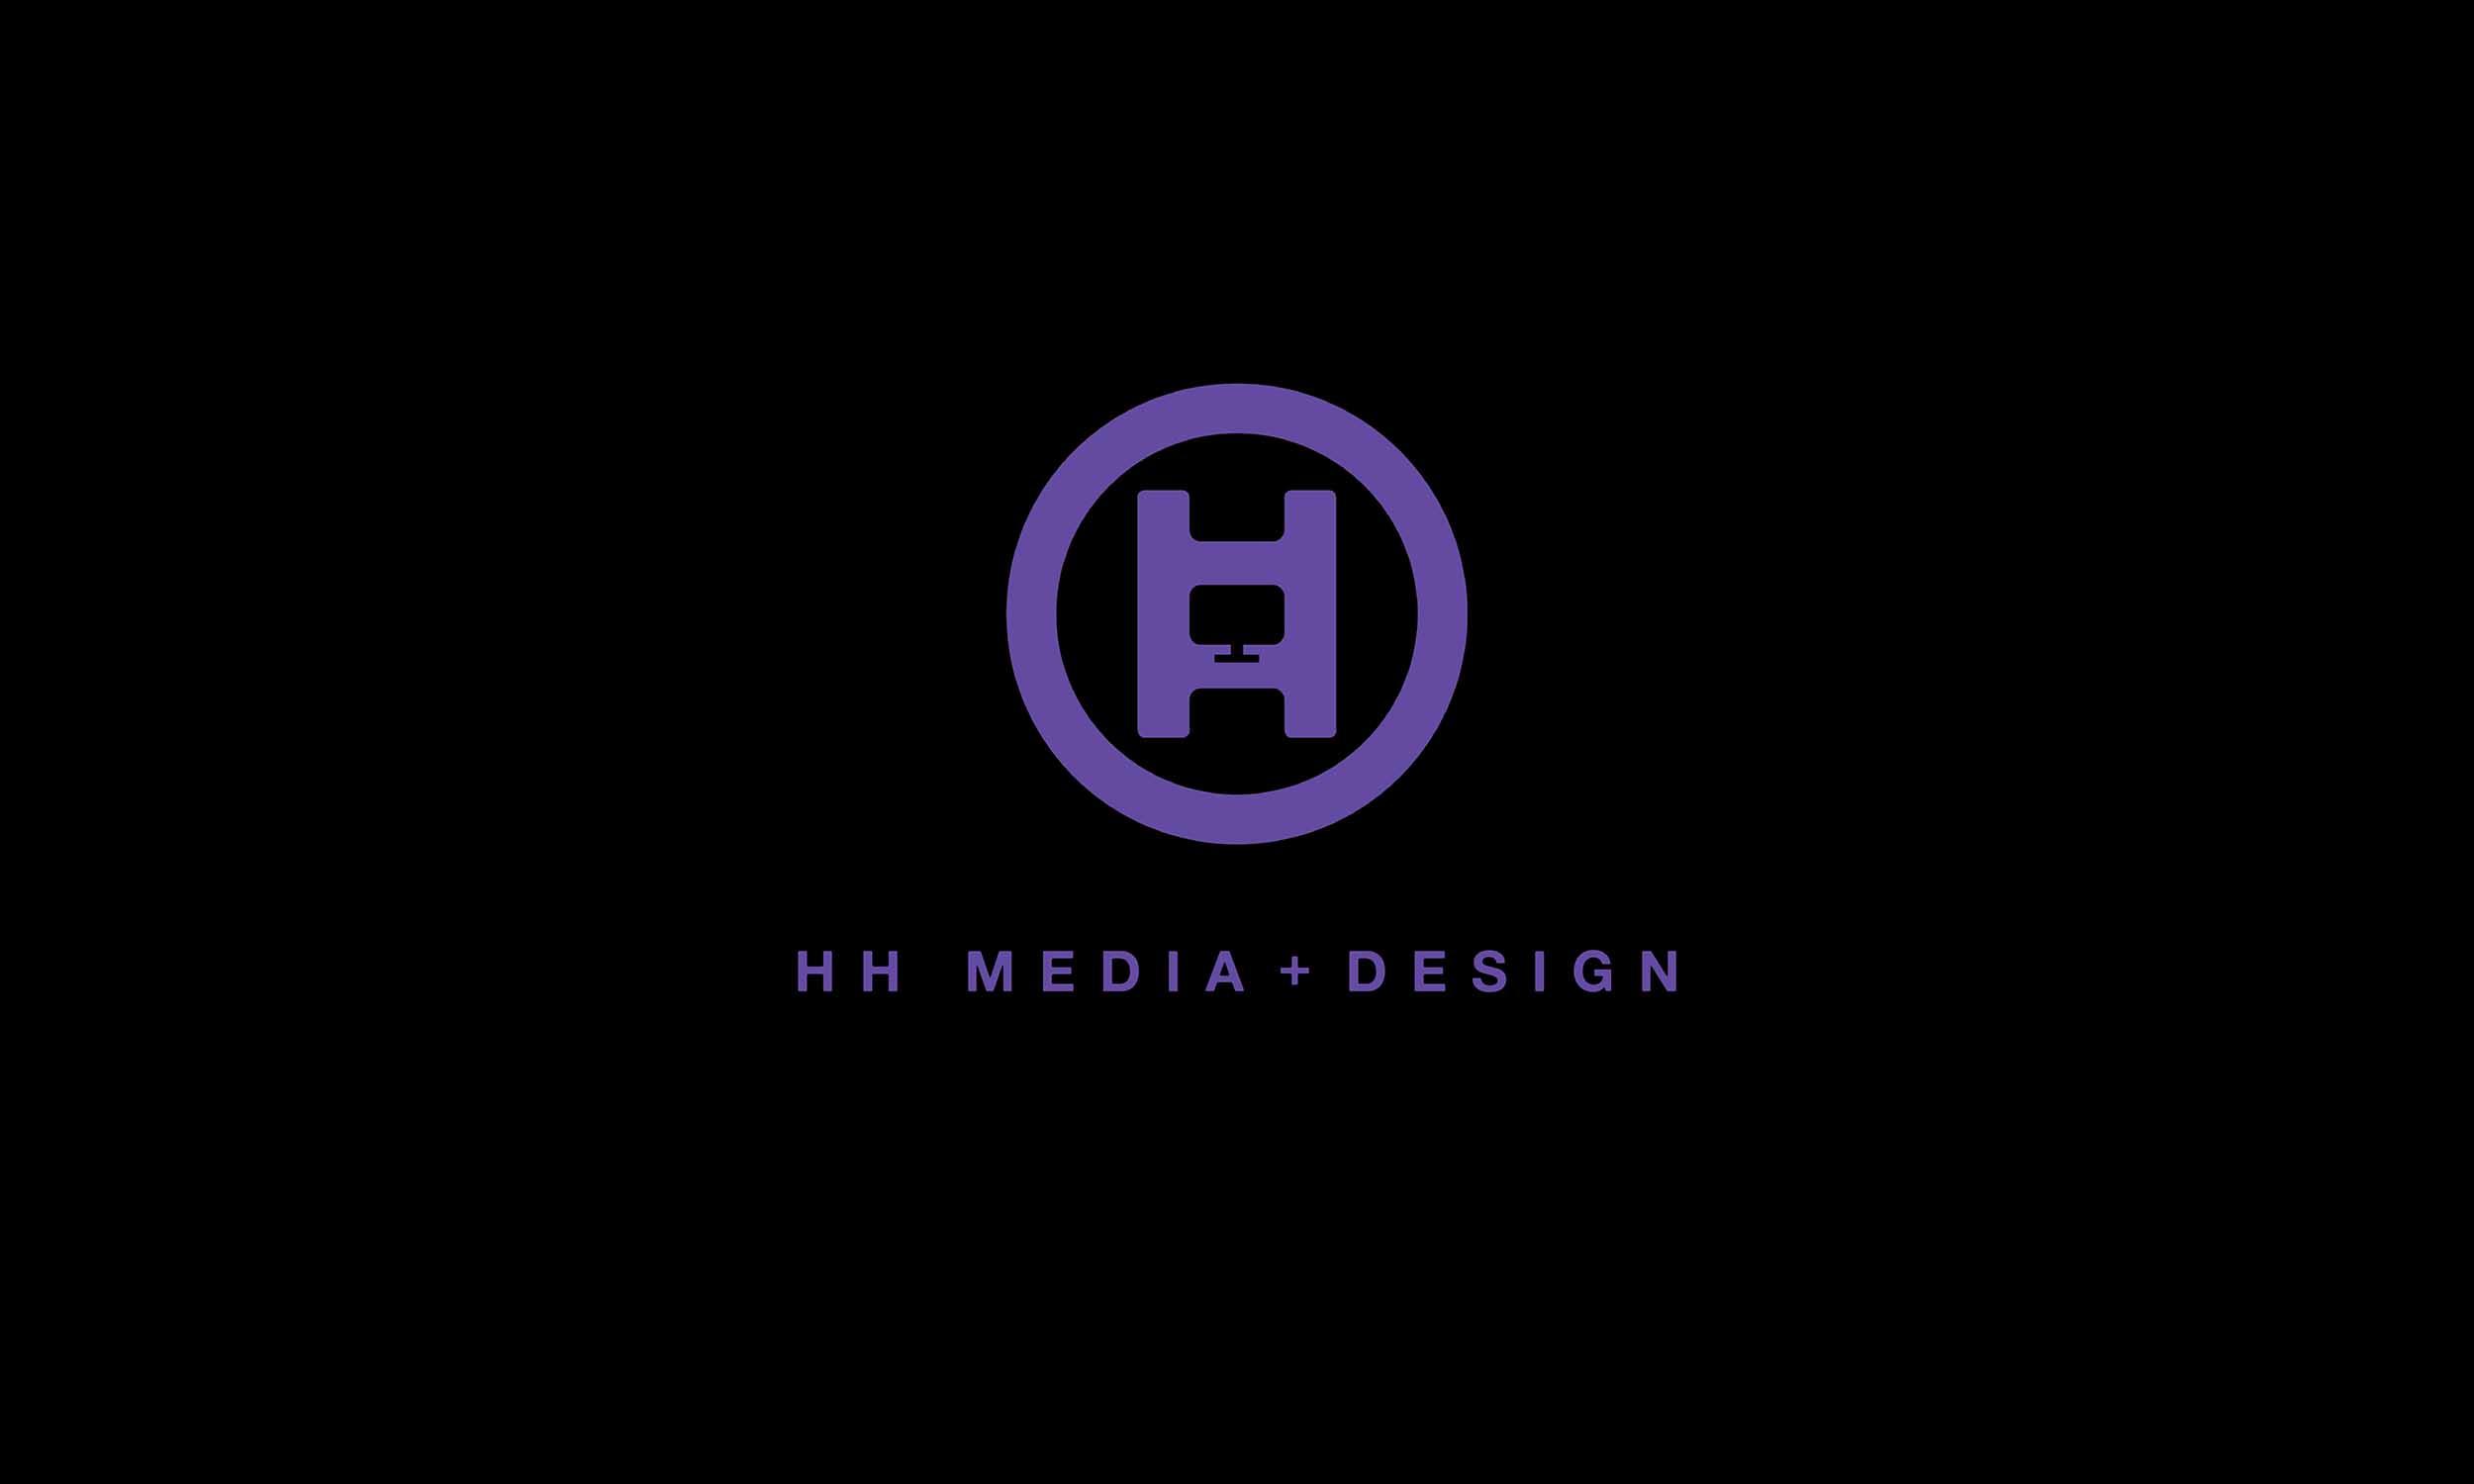 HH Media